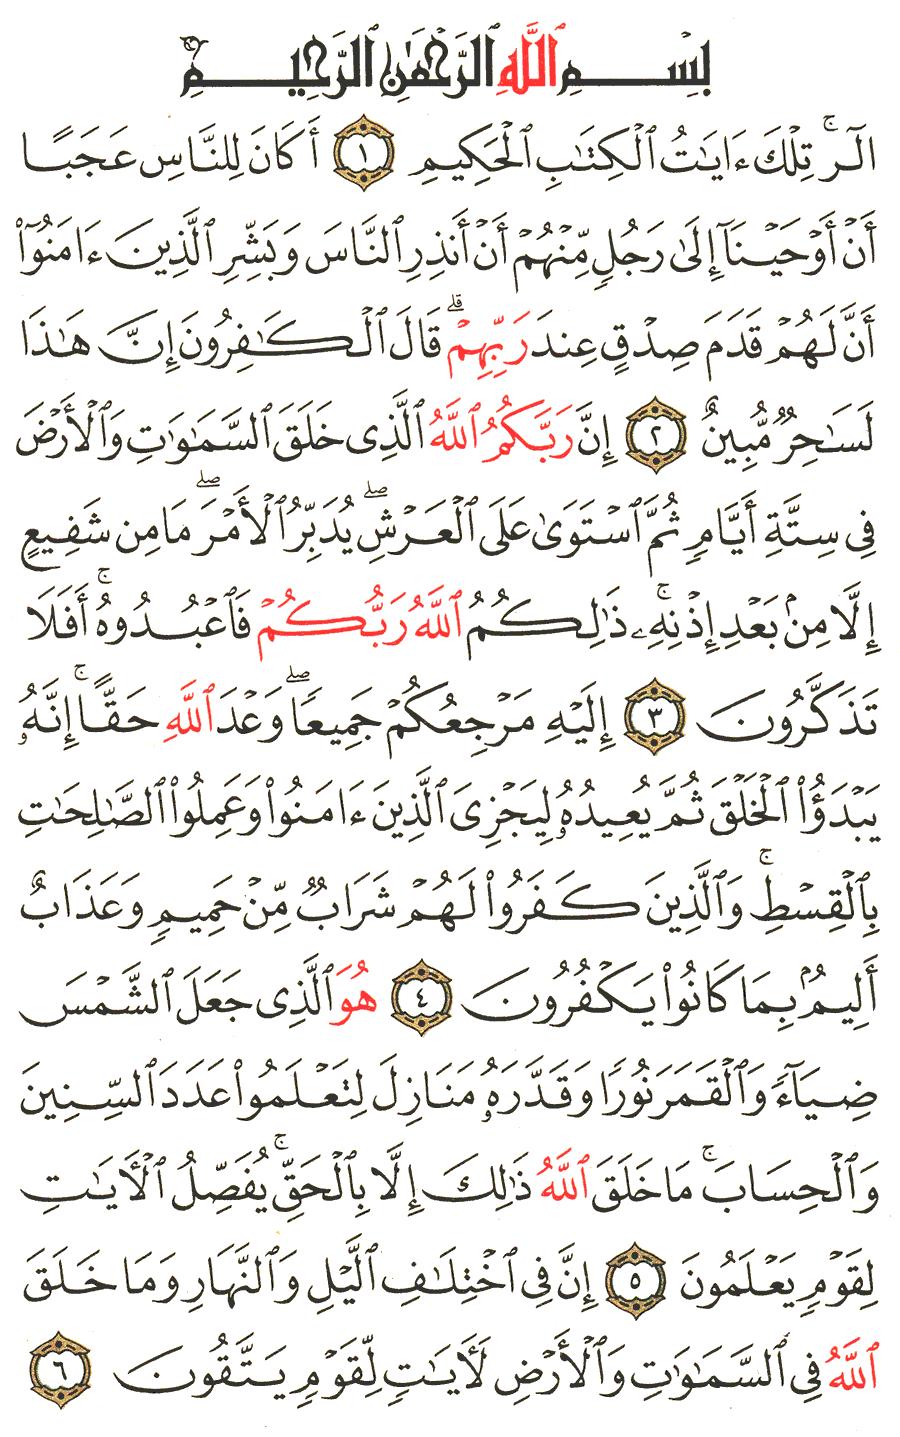 الصفحة رقم 208 من القرآن الكريم مكتوبة من المصحف